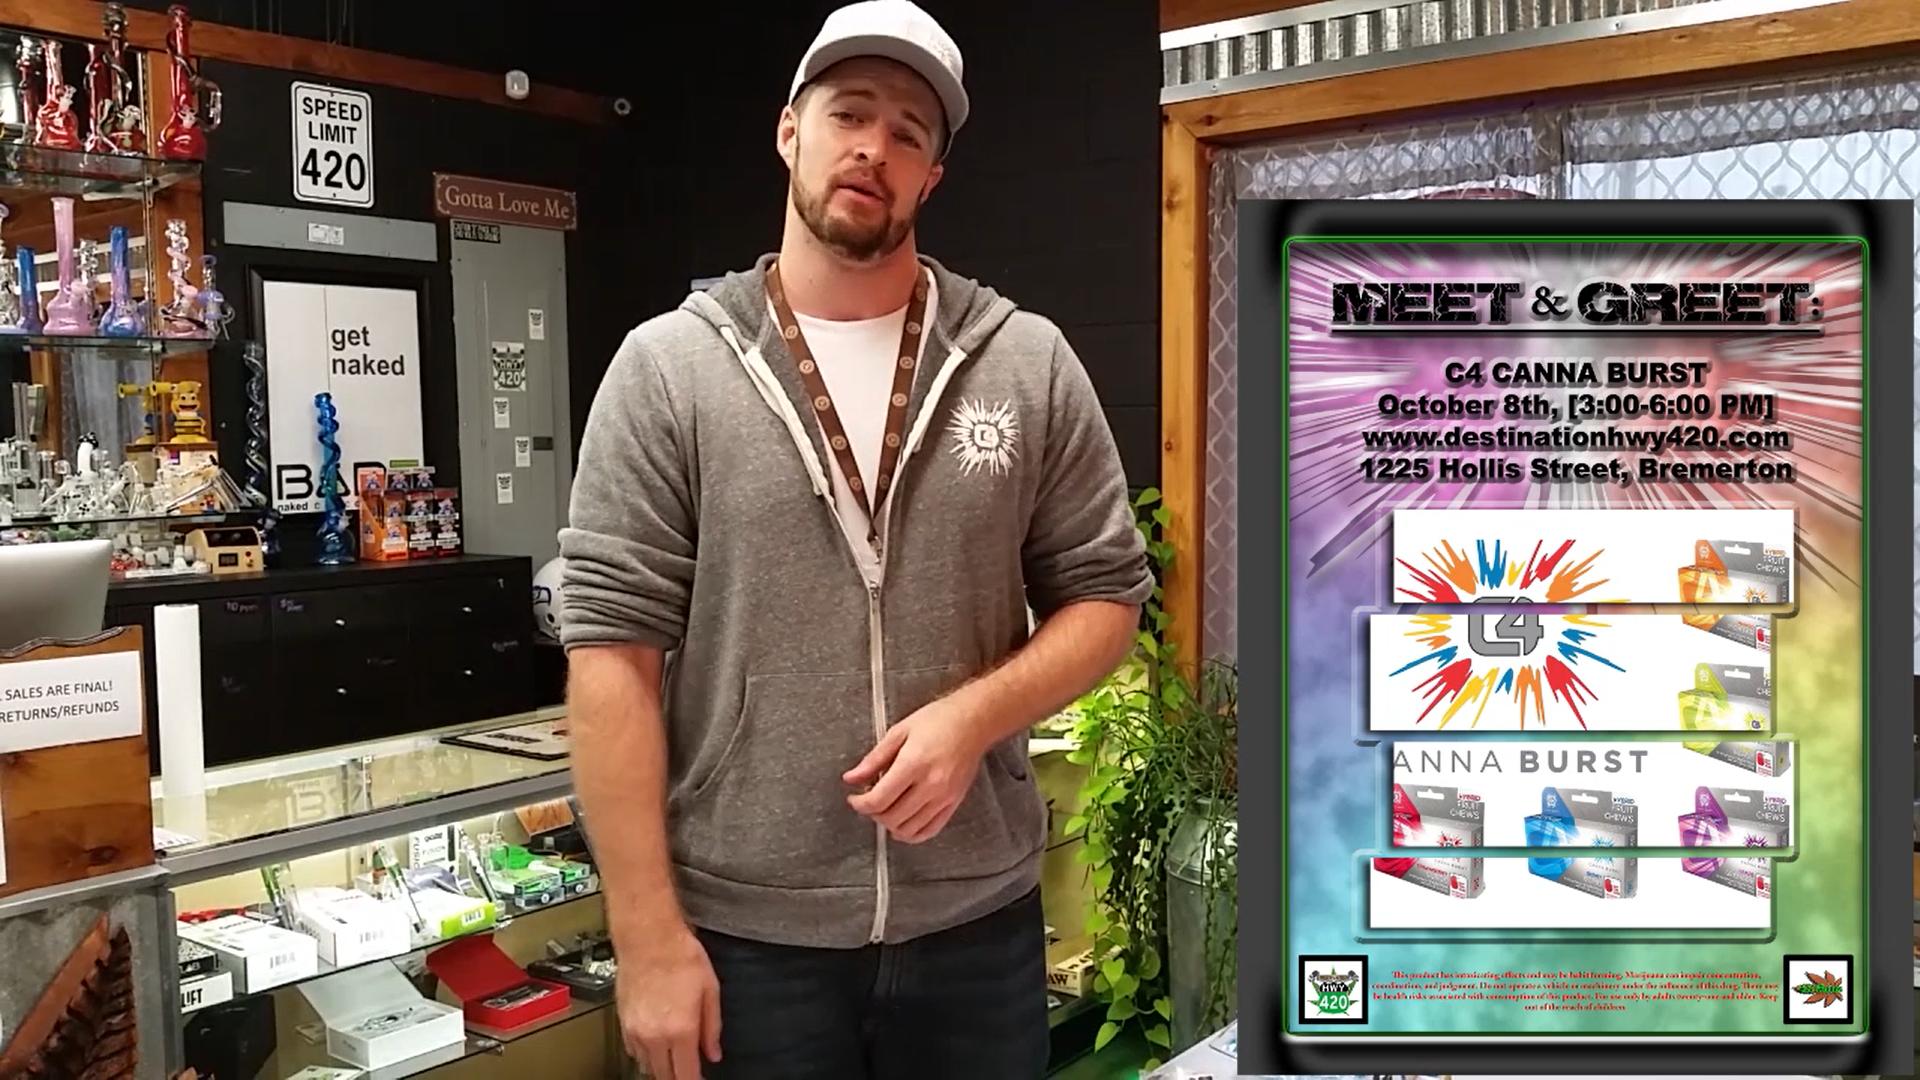 C4 Canna Burst - Meet The Cannabis Vendor